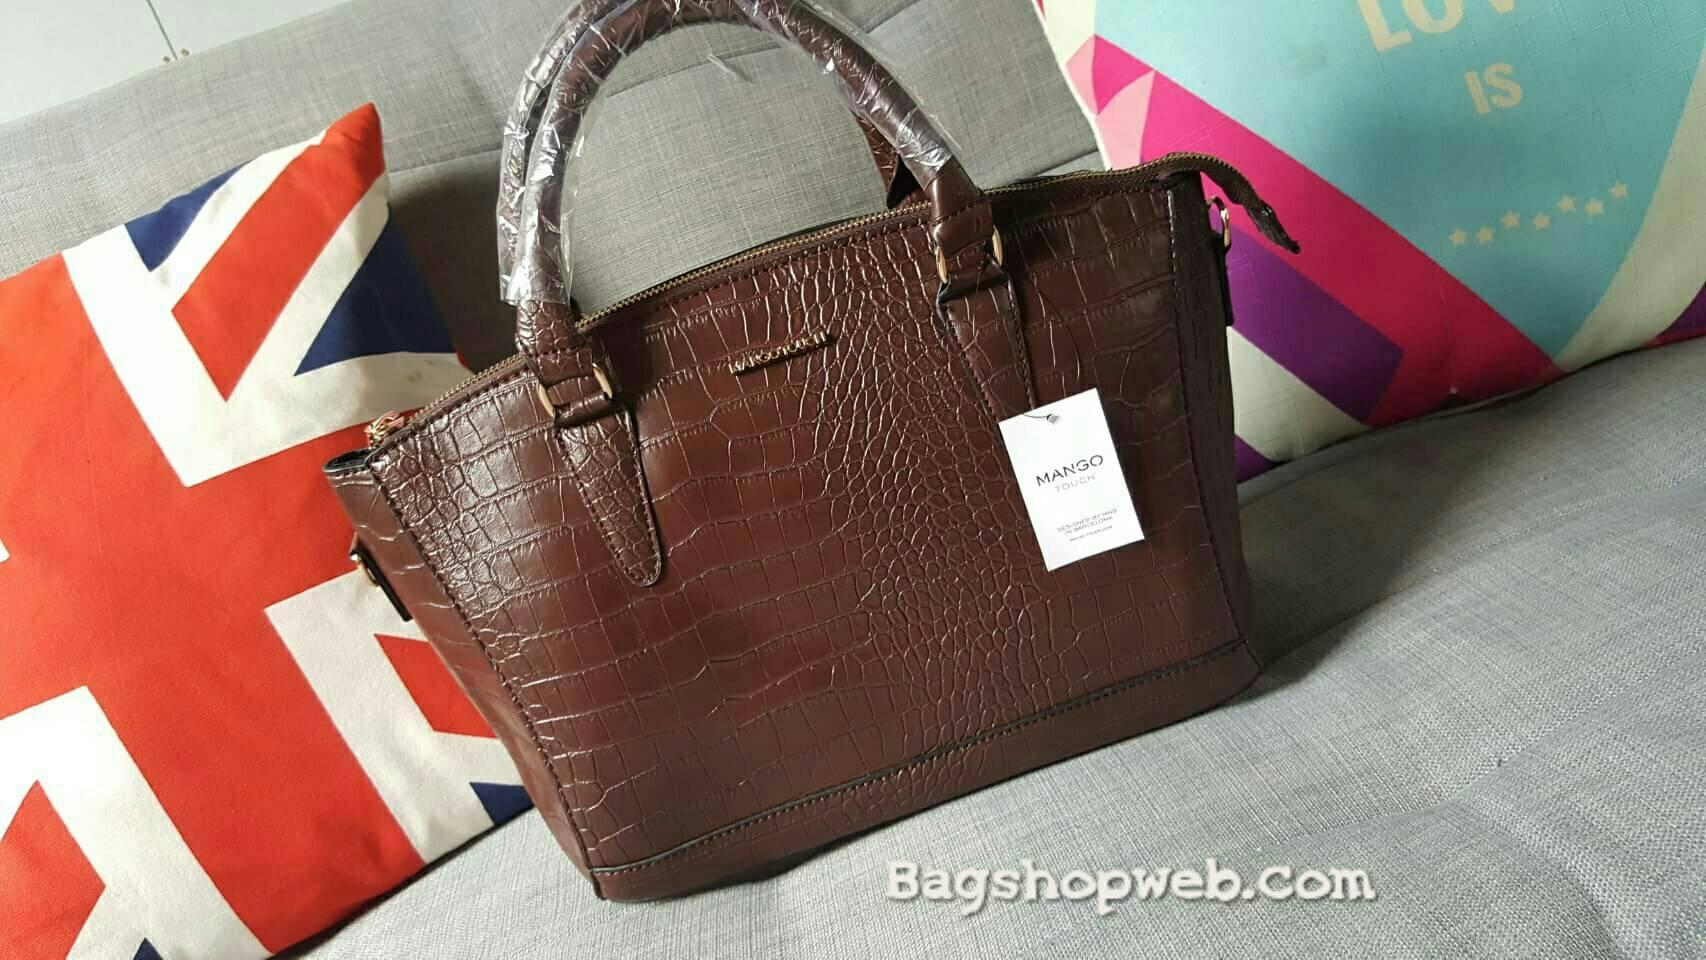 กระเป๋าหนัง สุดคลาสิค ทรงสุดหรู New Collection ยี่ห้อ MANGO TOUCH แท้ กระเป๋านำเข้า รุ่น Croc Tote Bag พร้อมส่ง ที่ไทย ออกแบบหนังด้วยลายหนังแท้ ด้วยดีไซน์ 2 อย่างถี่และห่าง ทรงตั้งสง่า แข็ง ไม่ยุบแบนเวลาวาง แต่งให้หรู ด้วยอะไหล่ทอง ทั้งใบ